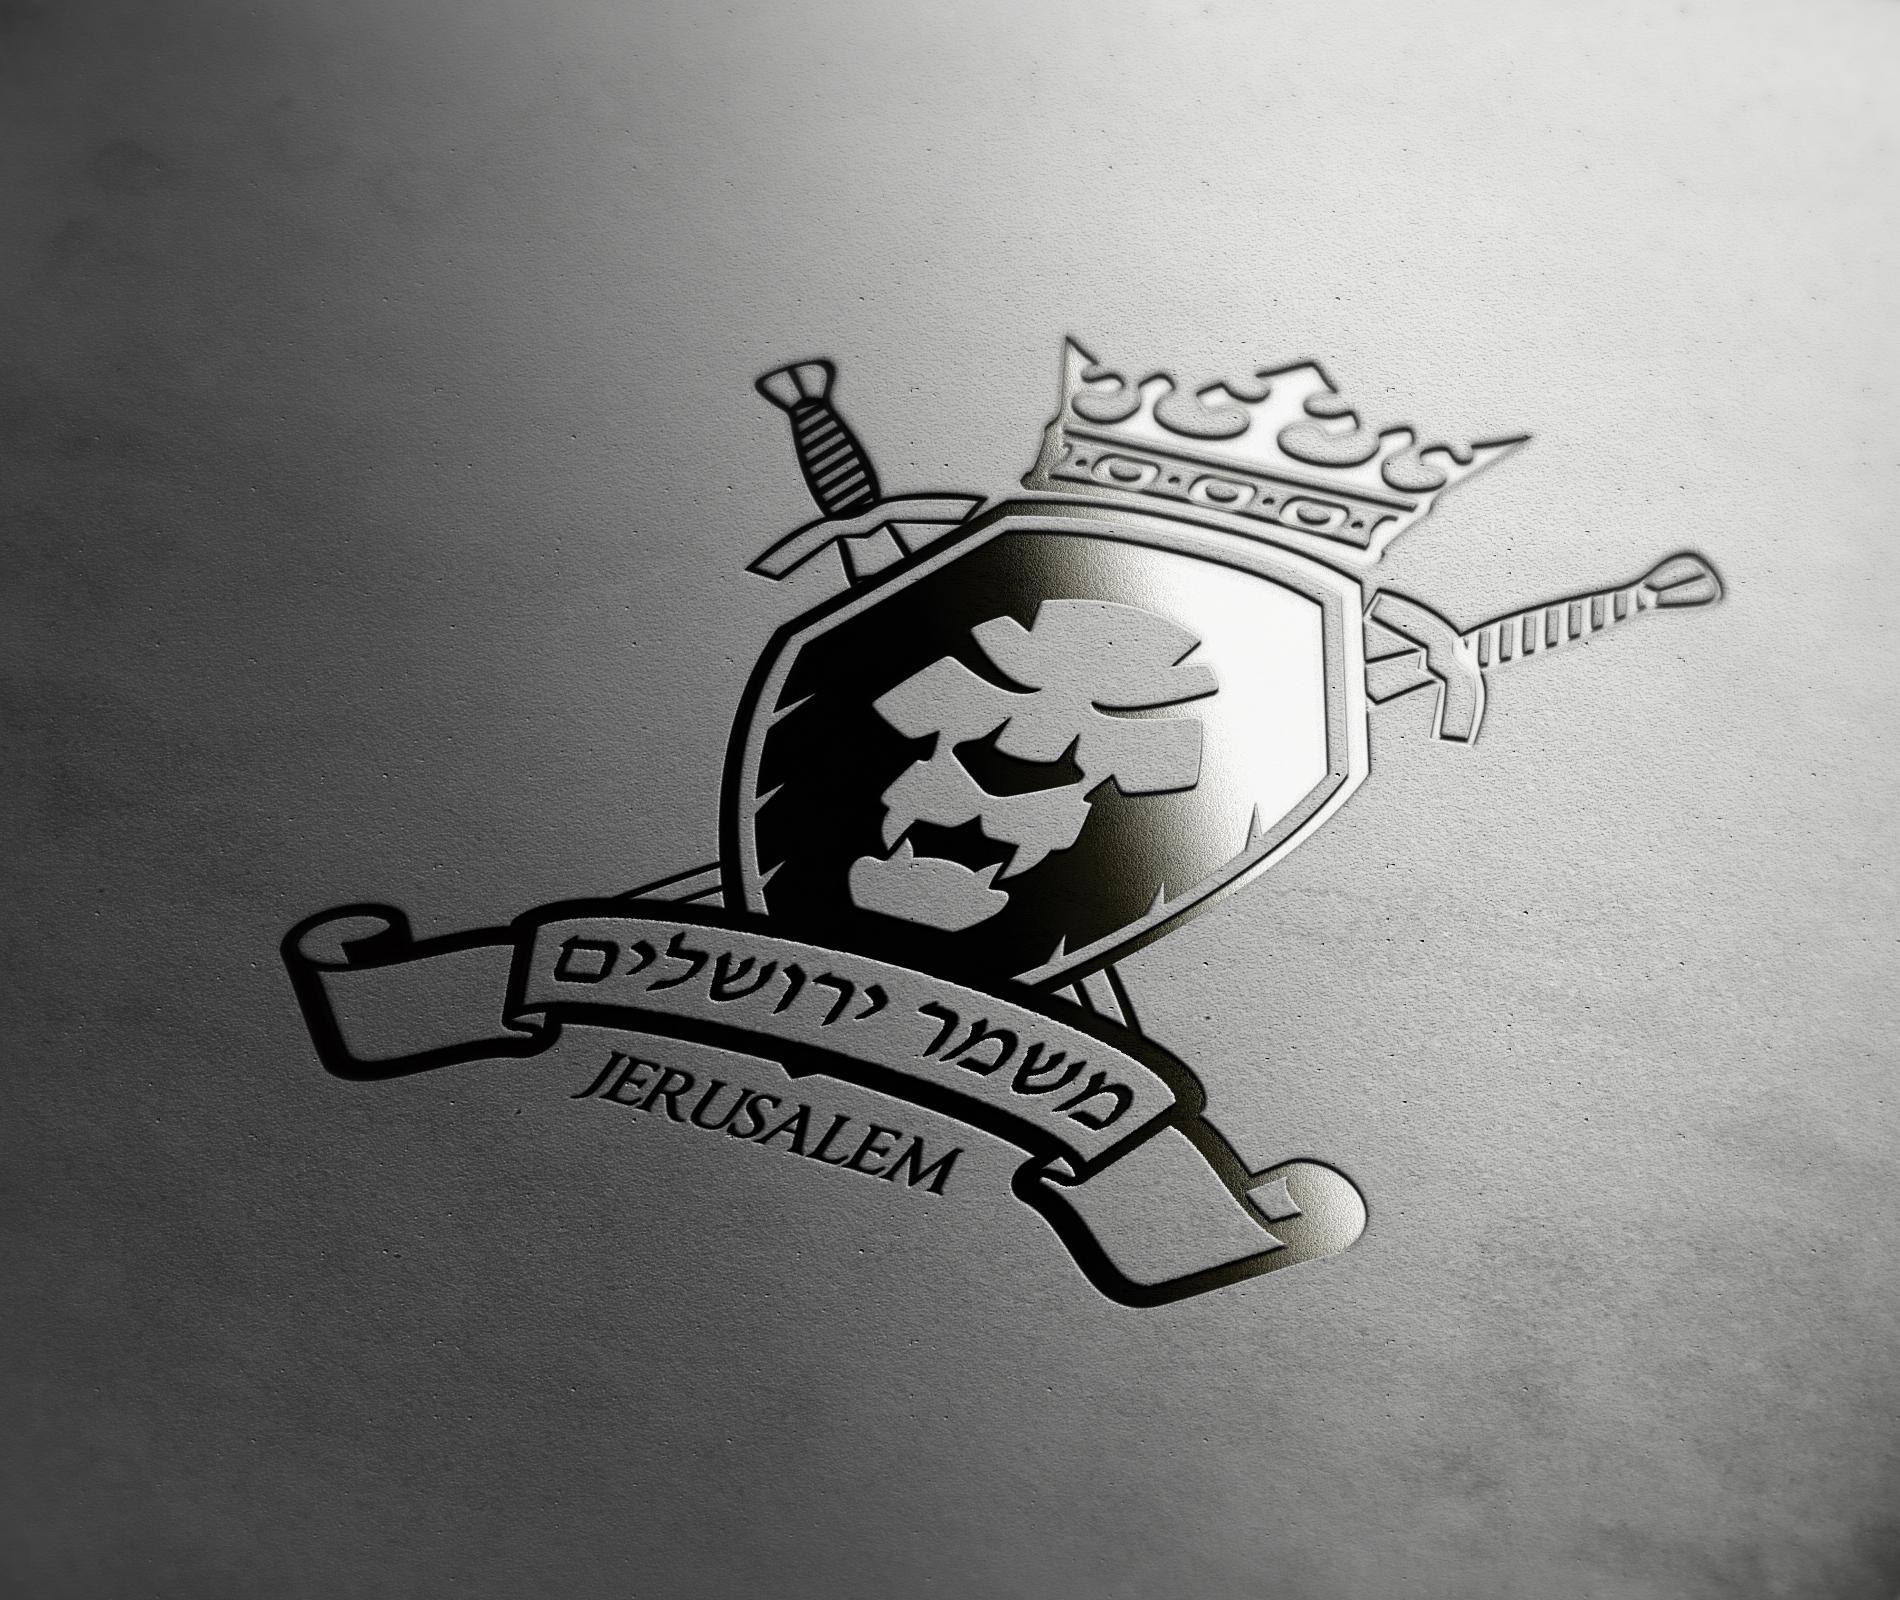 Разработка логотипа. Компания Страж Иерусалима фото f_34551e8a4de1250e.jpg